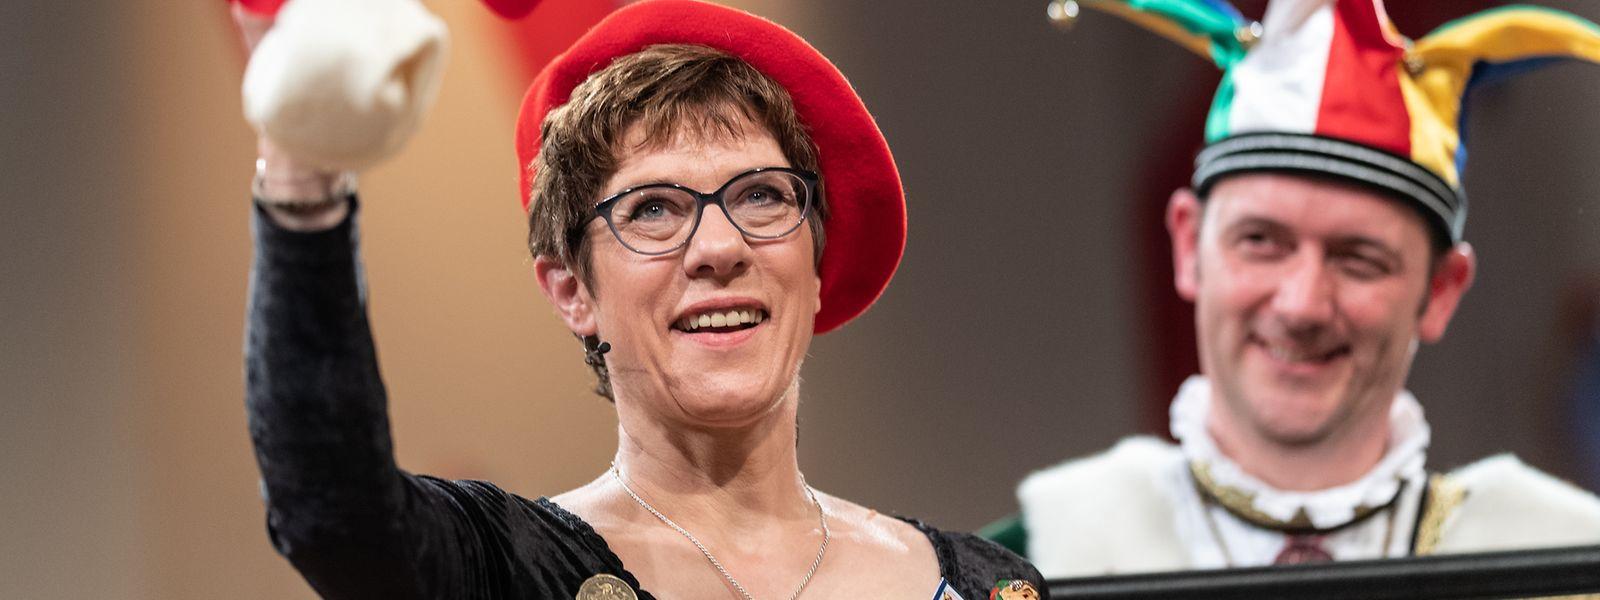 """Die Bundesvorsitzende der CDU, Annegret Kramp-Karrenbauer, steht vor dem """"Narrengericht"""" in Stockach. Die Veranstaltung gilt als einer der Fastnachtshöhepunkte im Südwesten Deutschlands."""